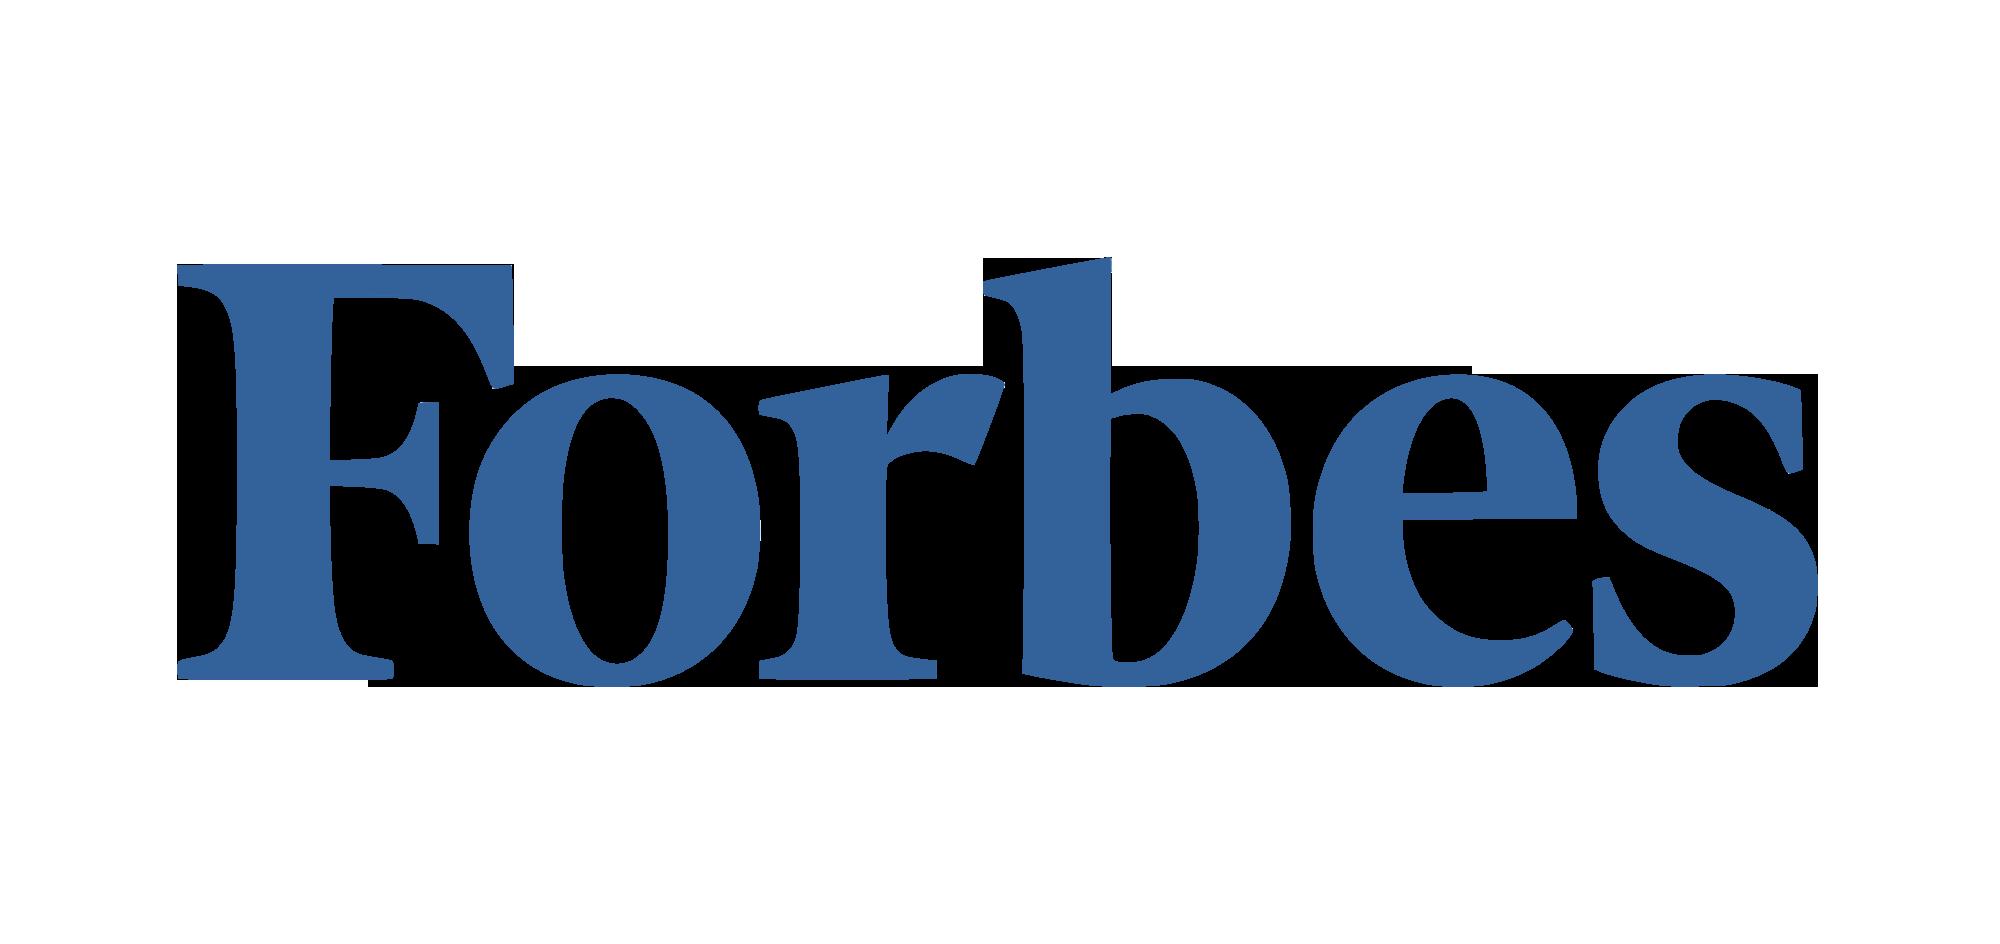 forbes-logo-vector